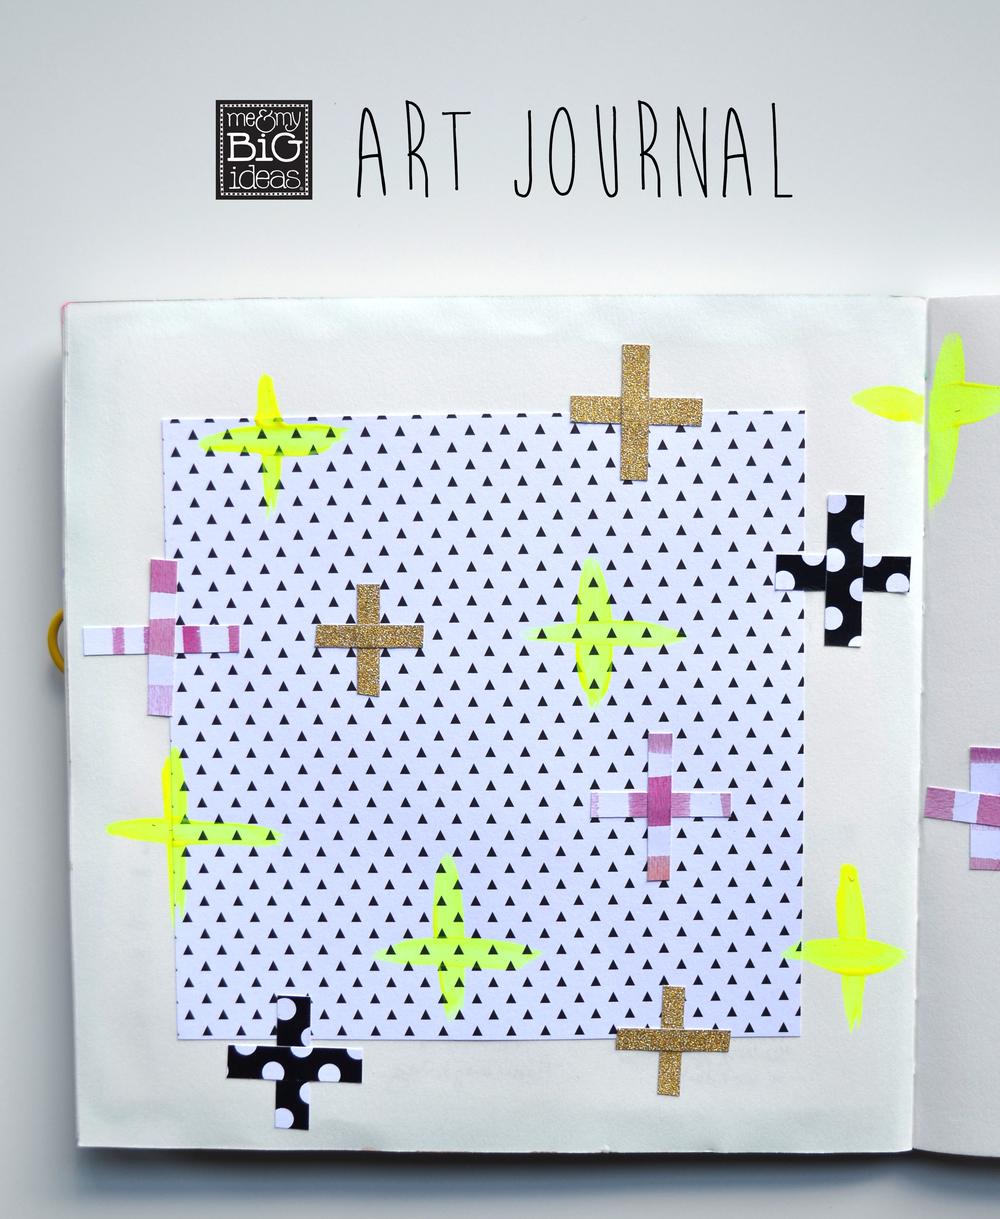 art journal using mambiSHEETS by Amanda Rose Zampelli   me & my BIG ideas